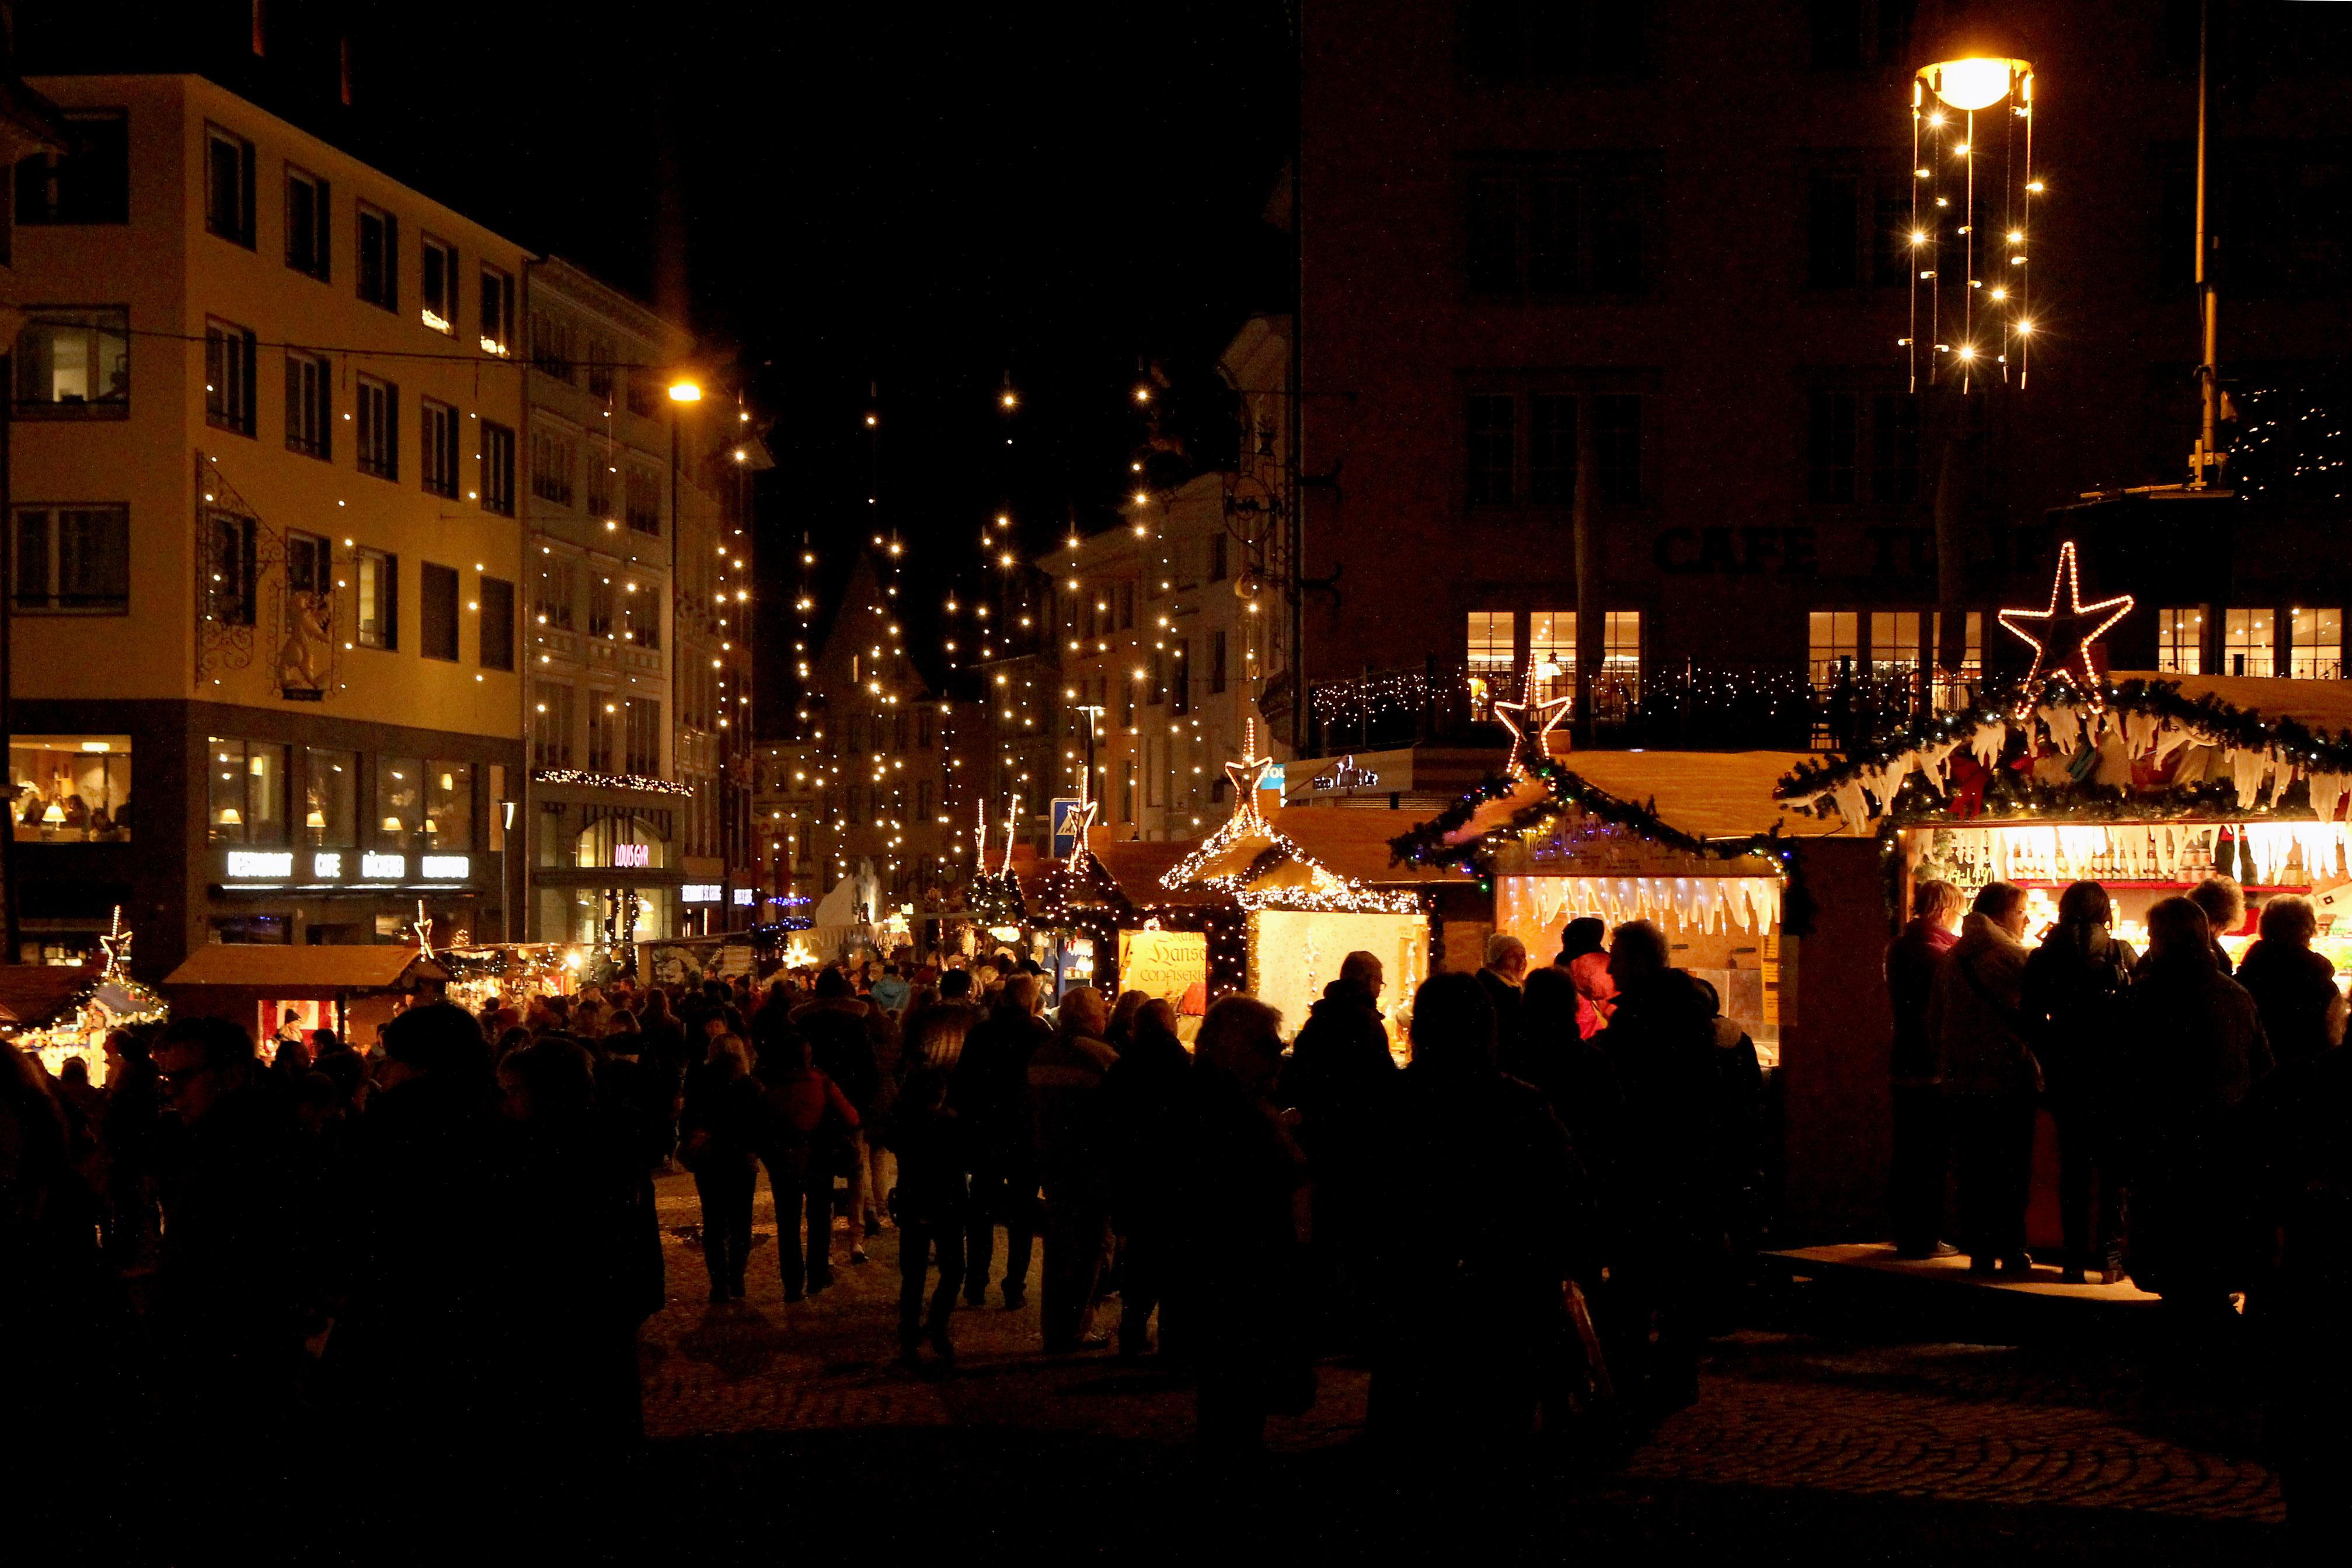 Essen Weihnachtsmarkt 2019.Einsiedler Weihnachtsmarkt Einsiedler Weihnacht Chs Webseite